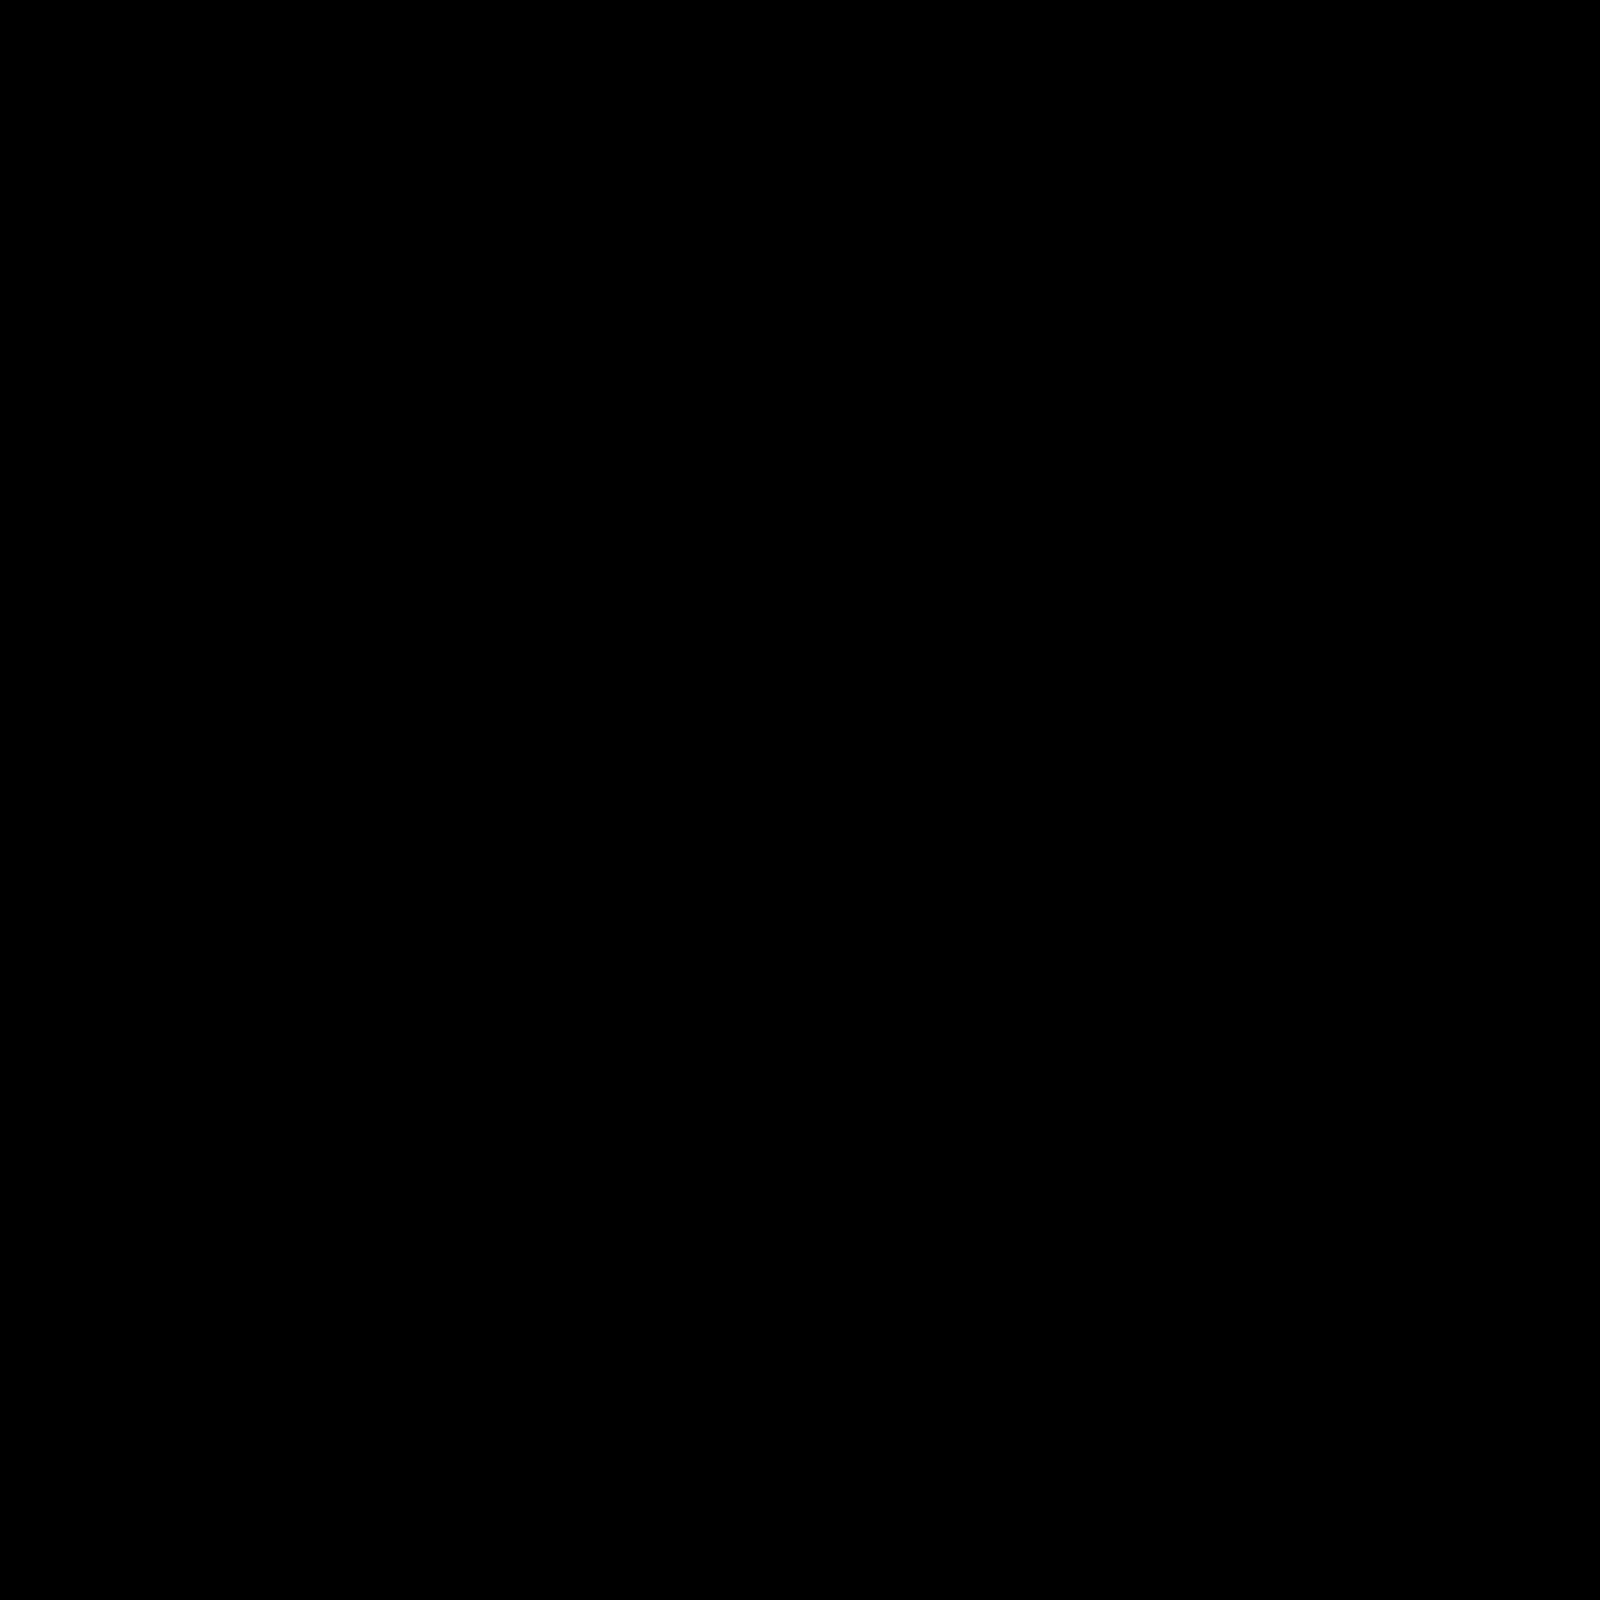 Fête d'Hanukkah icon